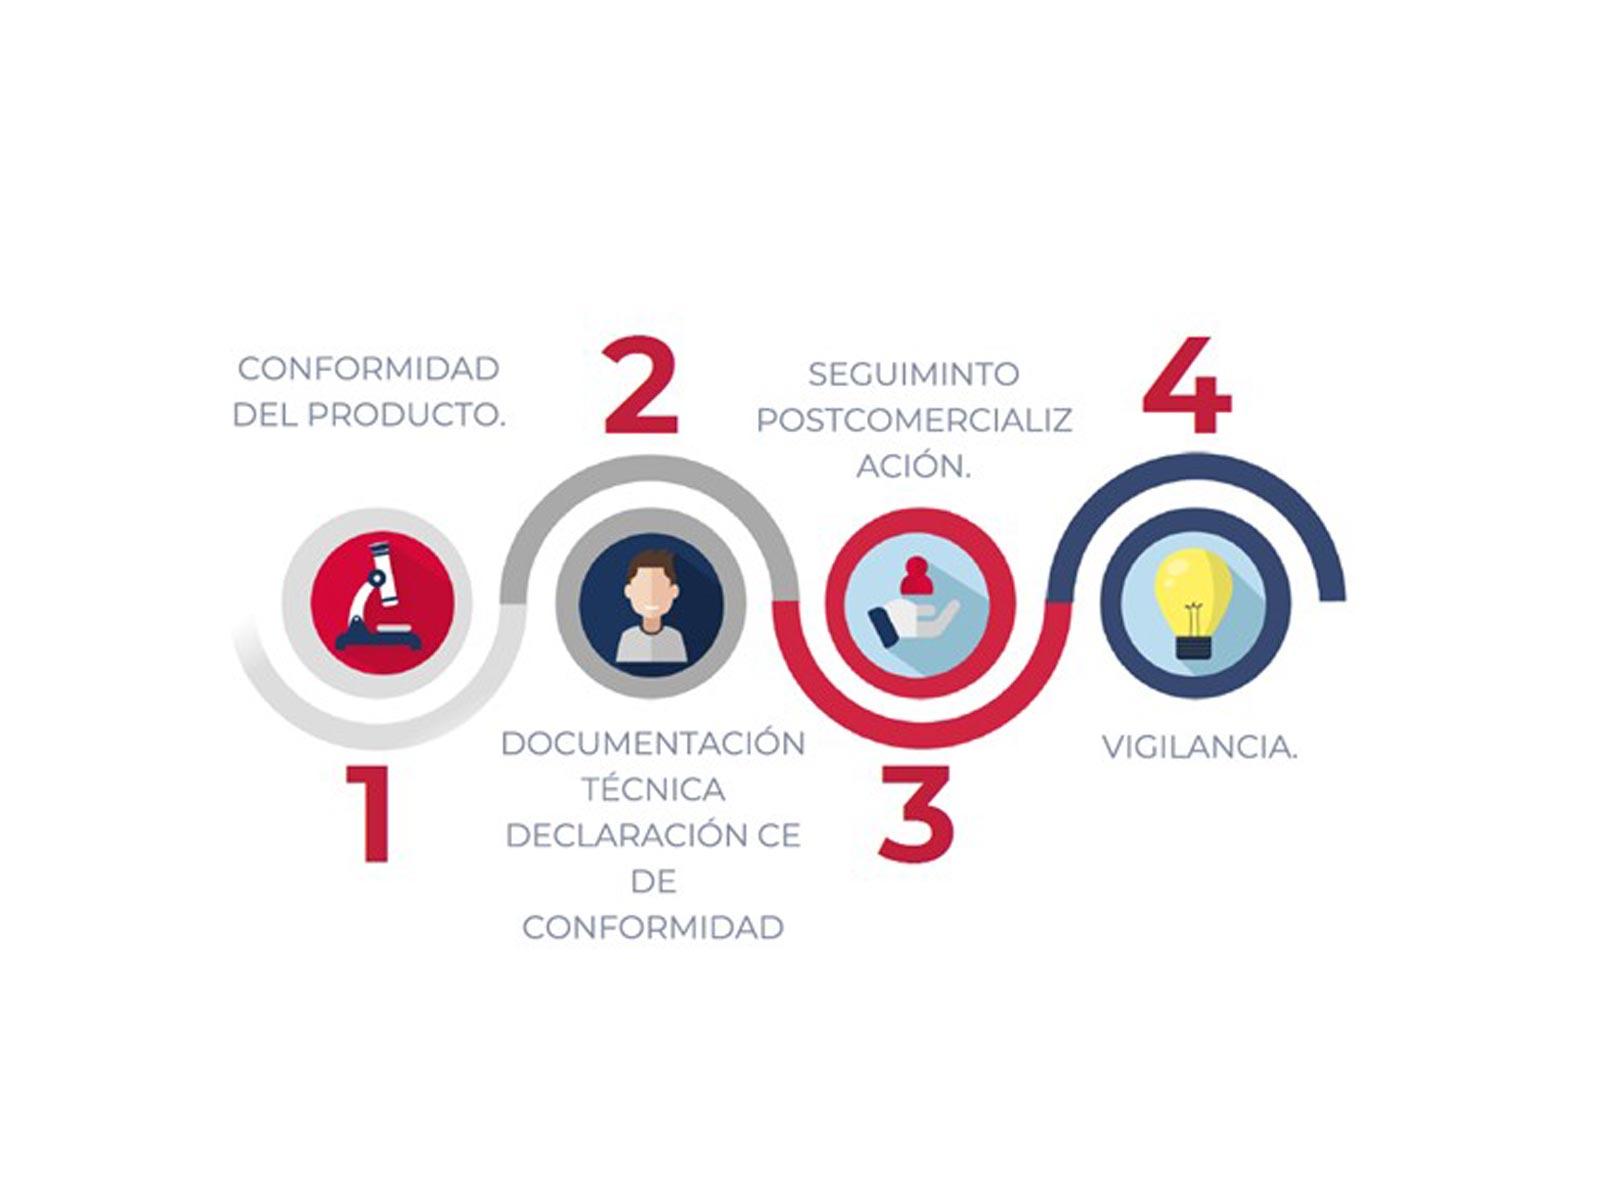 CONSULTORÍA LOGÍSTICA, COSMÉTICA Y DE PRODUCTO SANITARIO